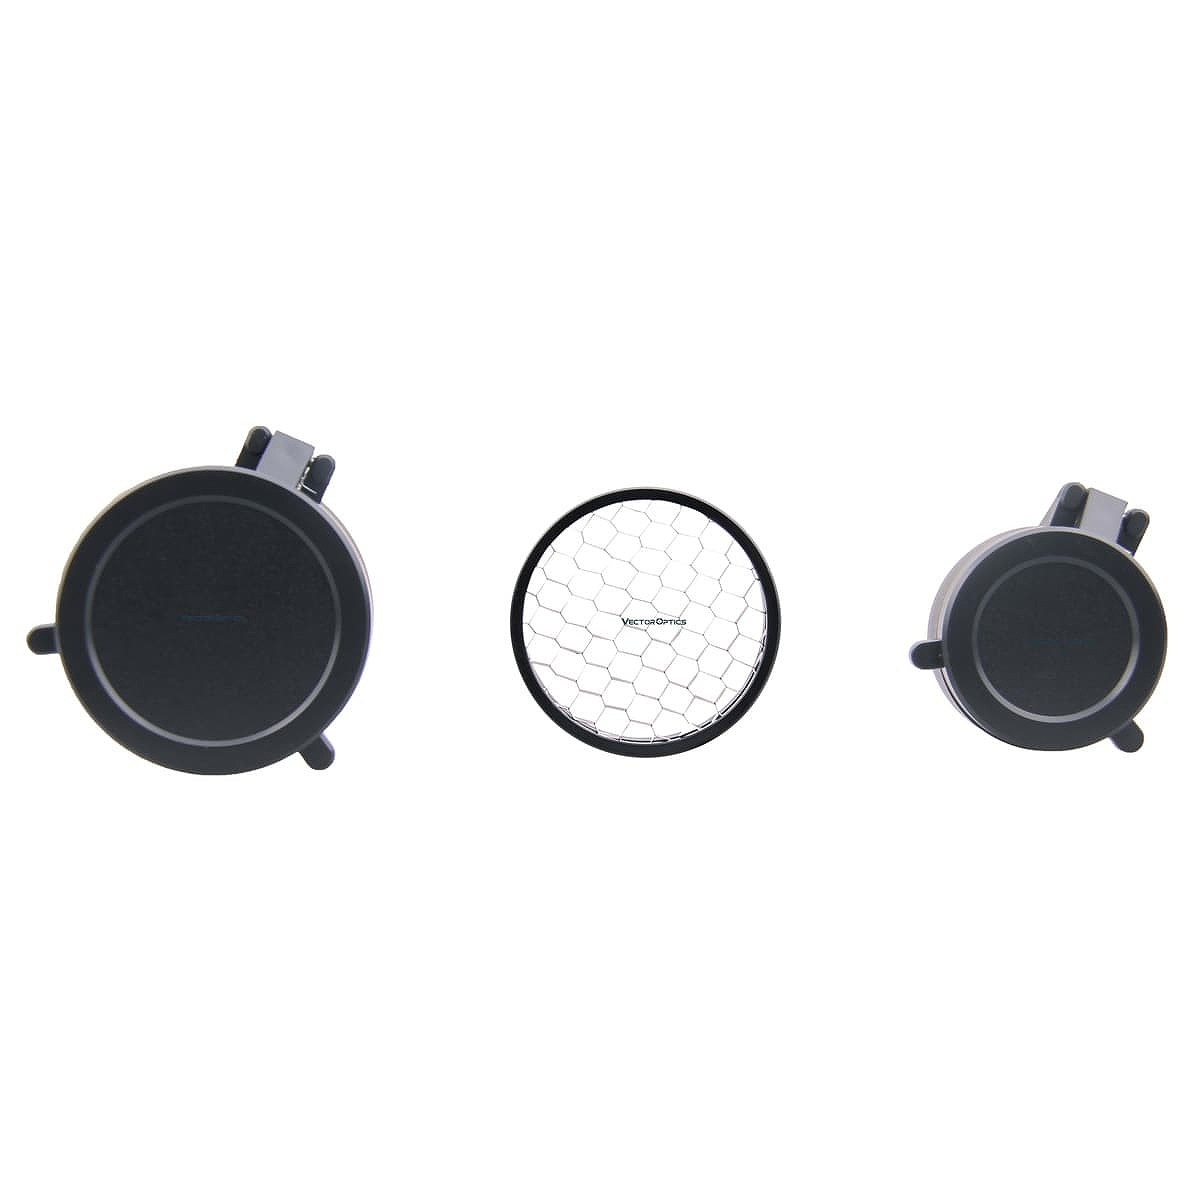 【お届け予定日: 5月30日】ベクターオプティクス ライフルスコープ Veyron 3-12x44FFP  Vector Optics SCFF-21